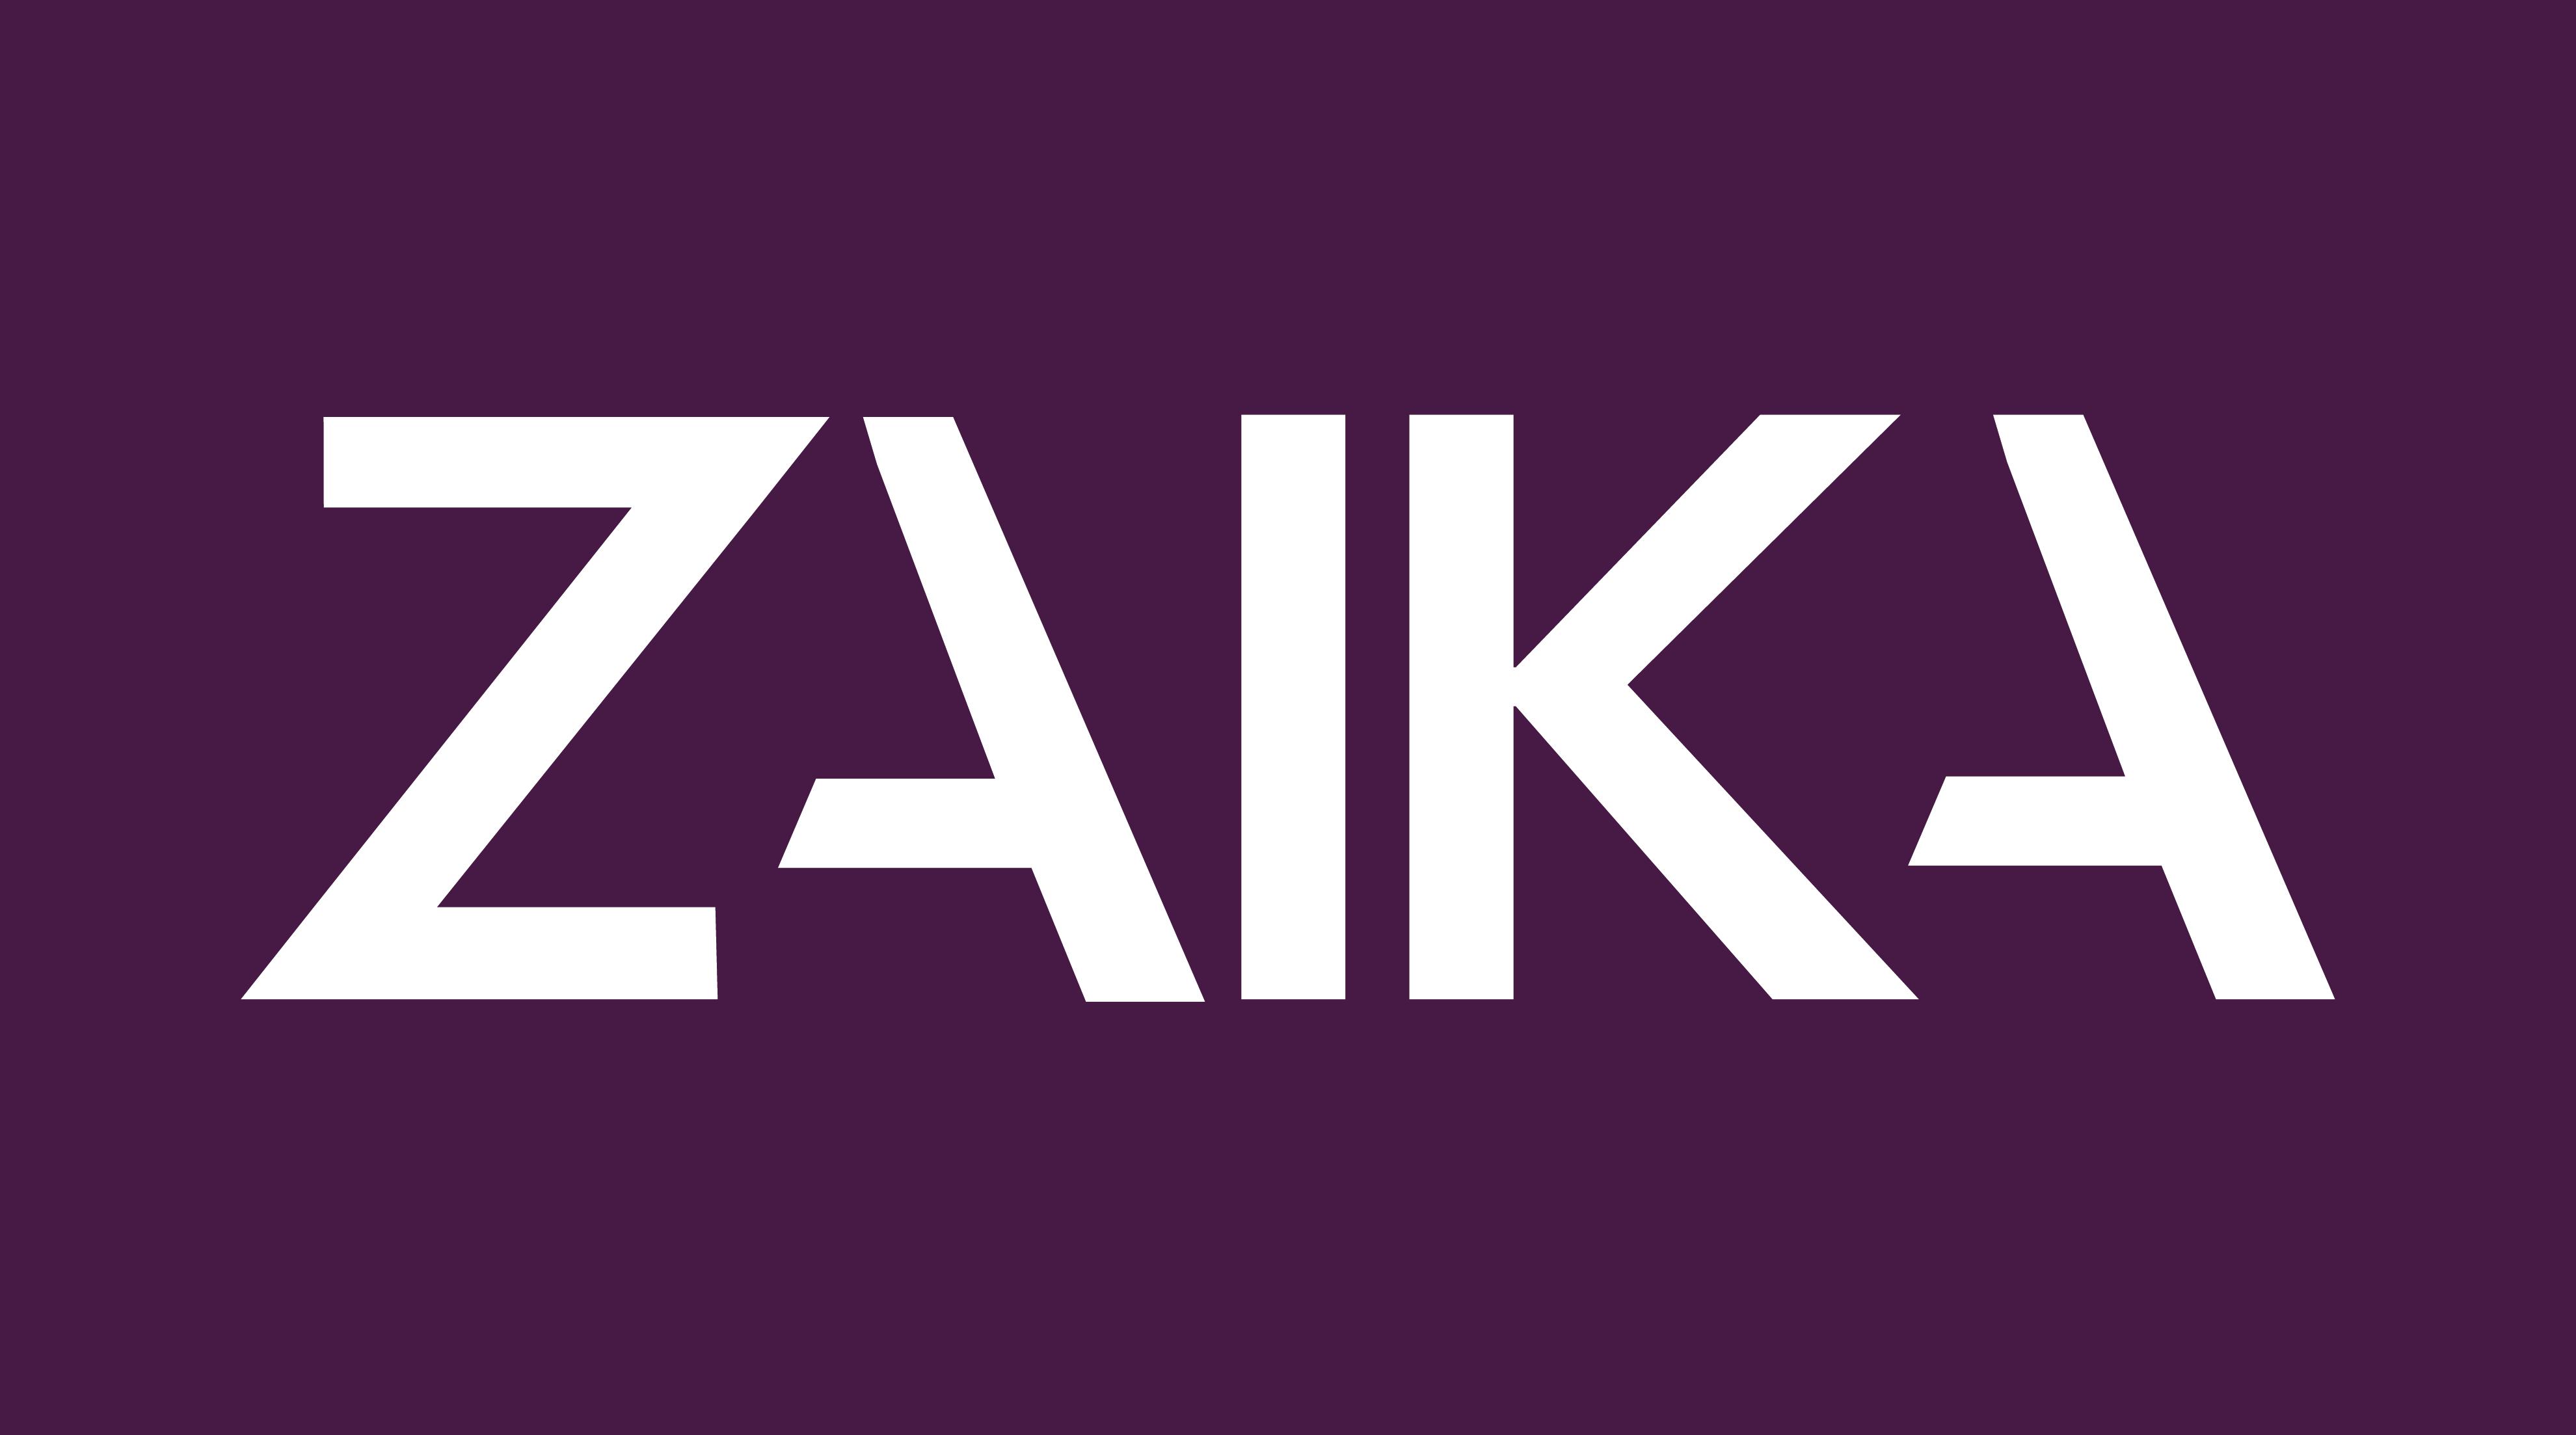 Zaika Logo 5